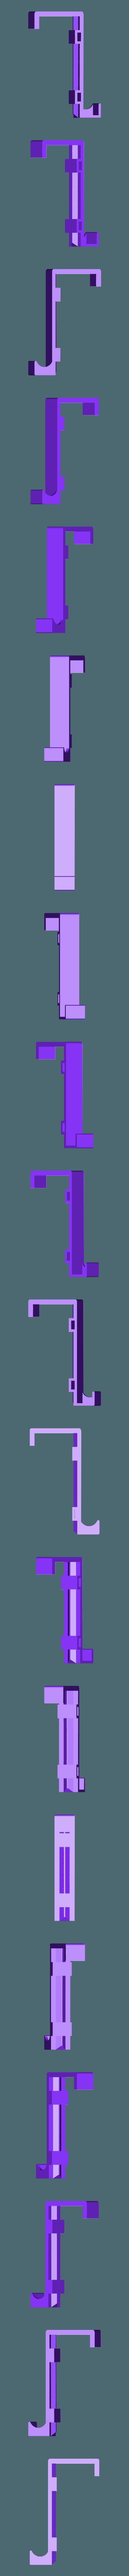 MountRight.stl Télécharger fichier STL gratuit Support de téléphone pour lit IKEA STUVA / FRITIDS • Plan pour impression 3D, Milan_Gajic